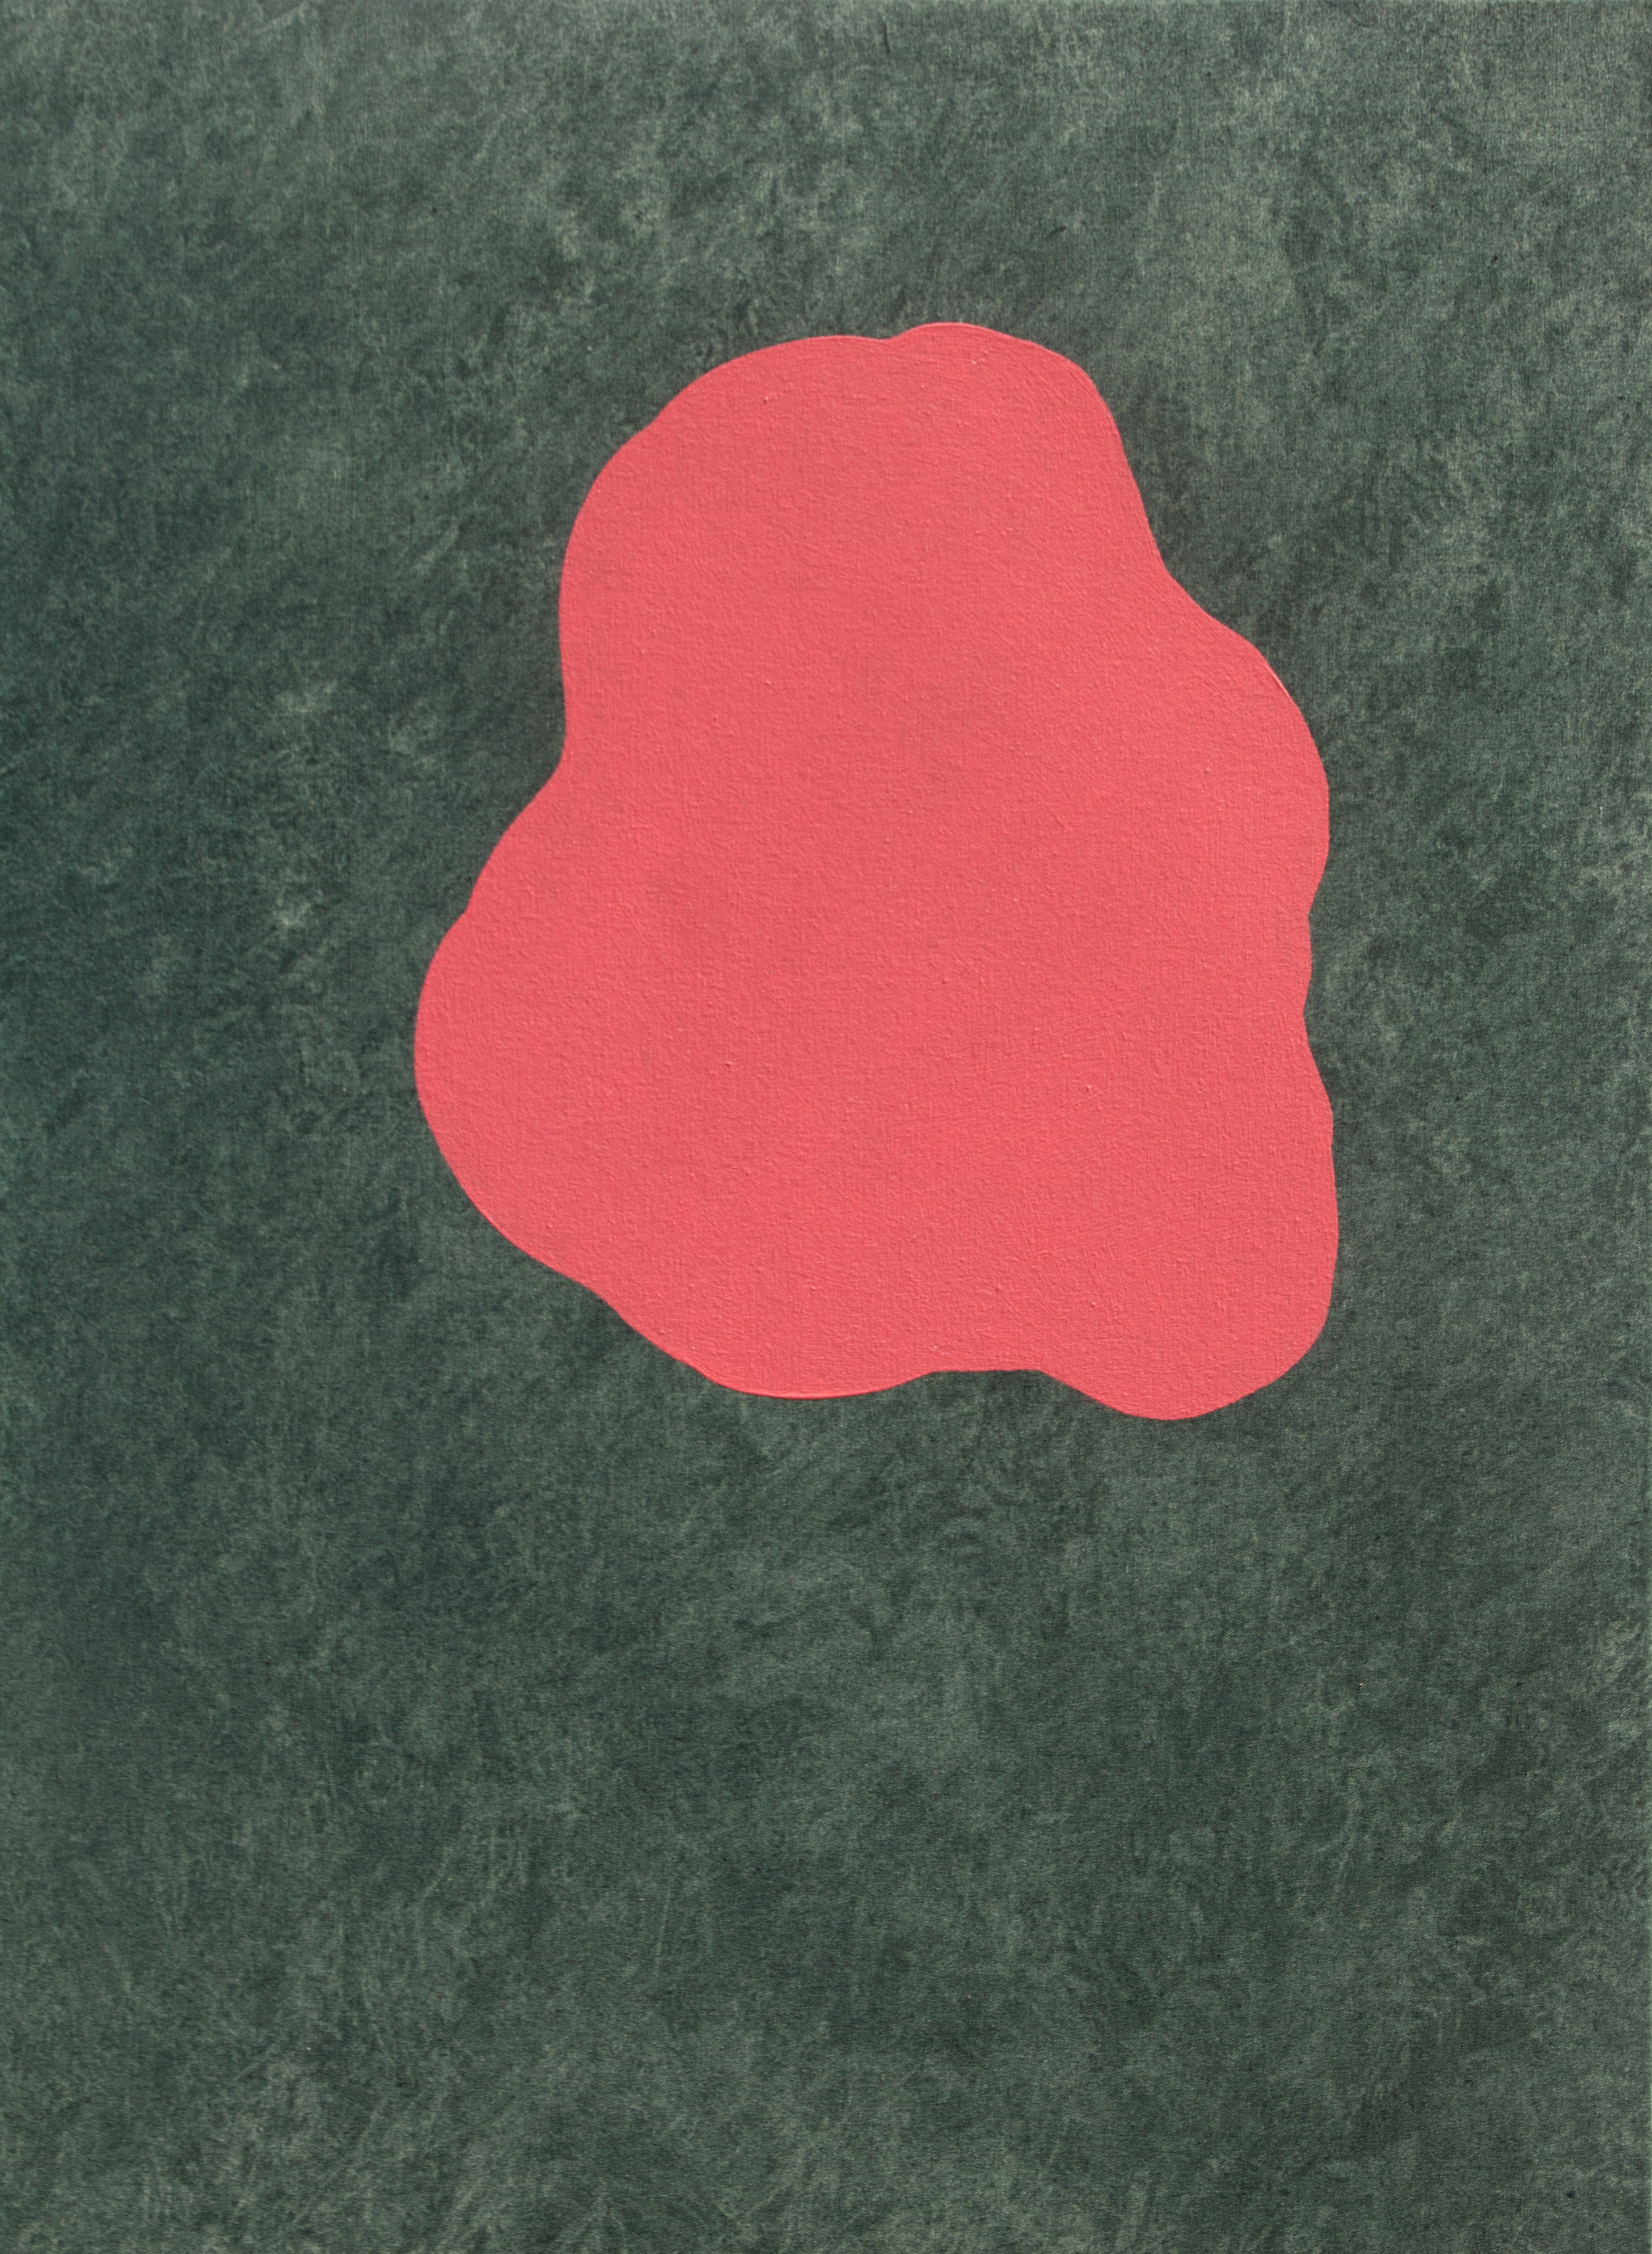 Uncommon Bundles No. 3 , oil on canvas, 56 x 76 cm, 2015.